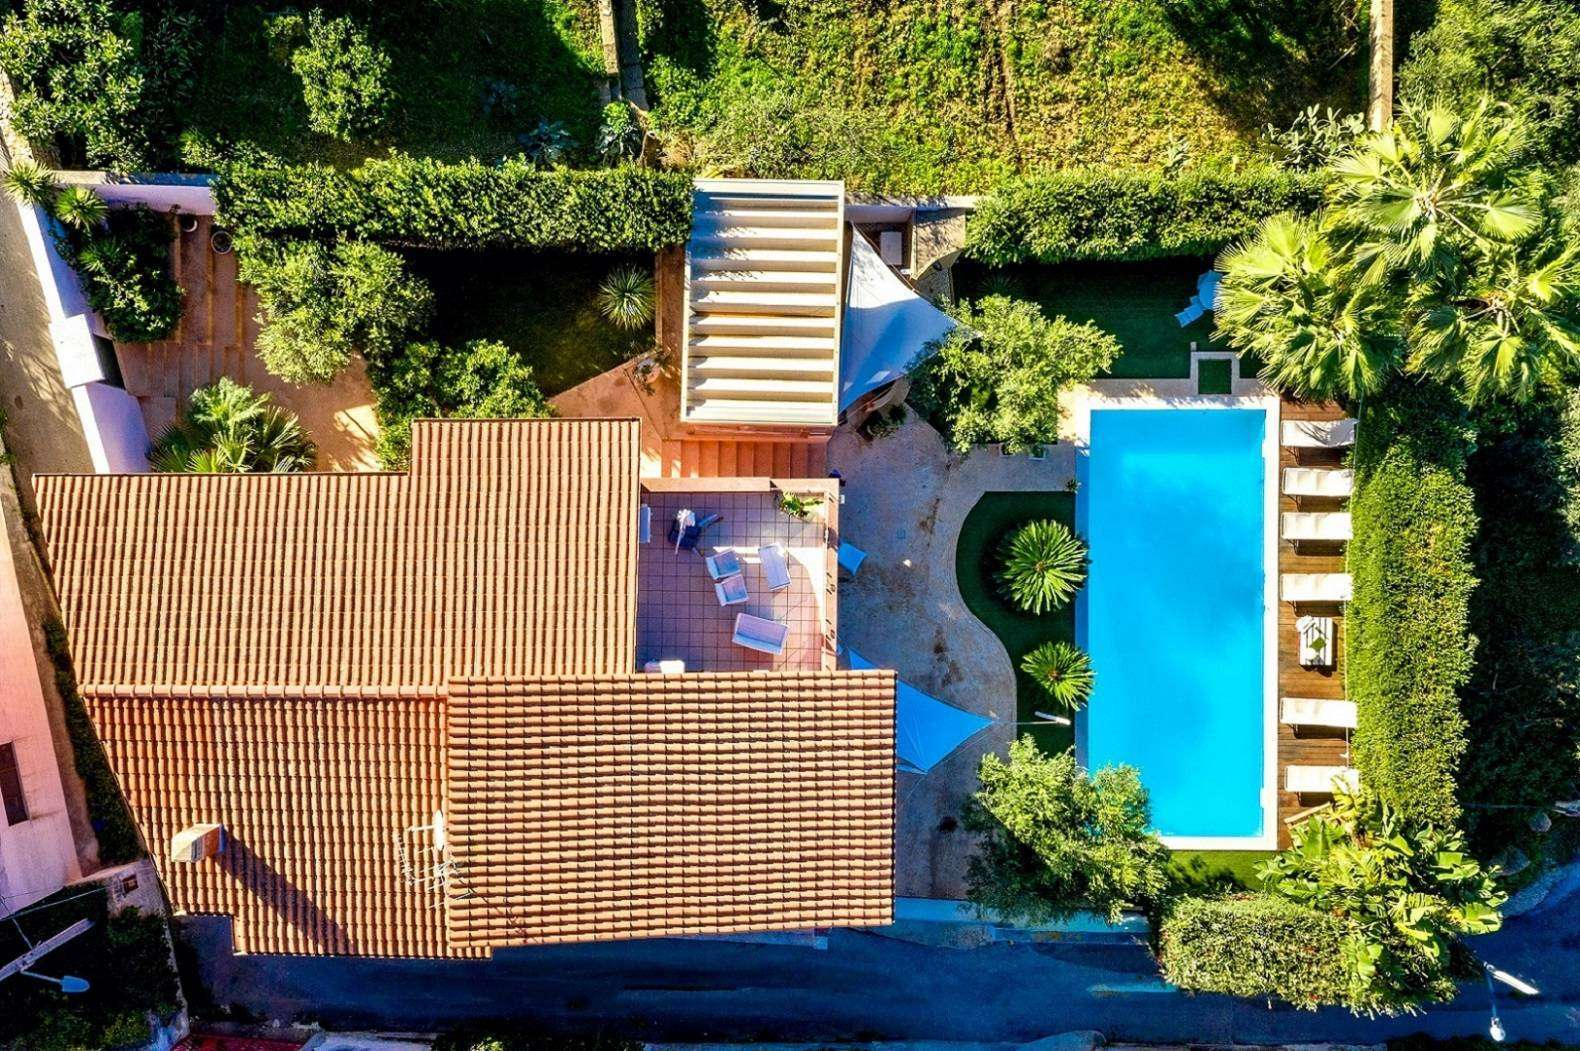 33 Dei Mori Villa Drone View